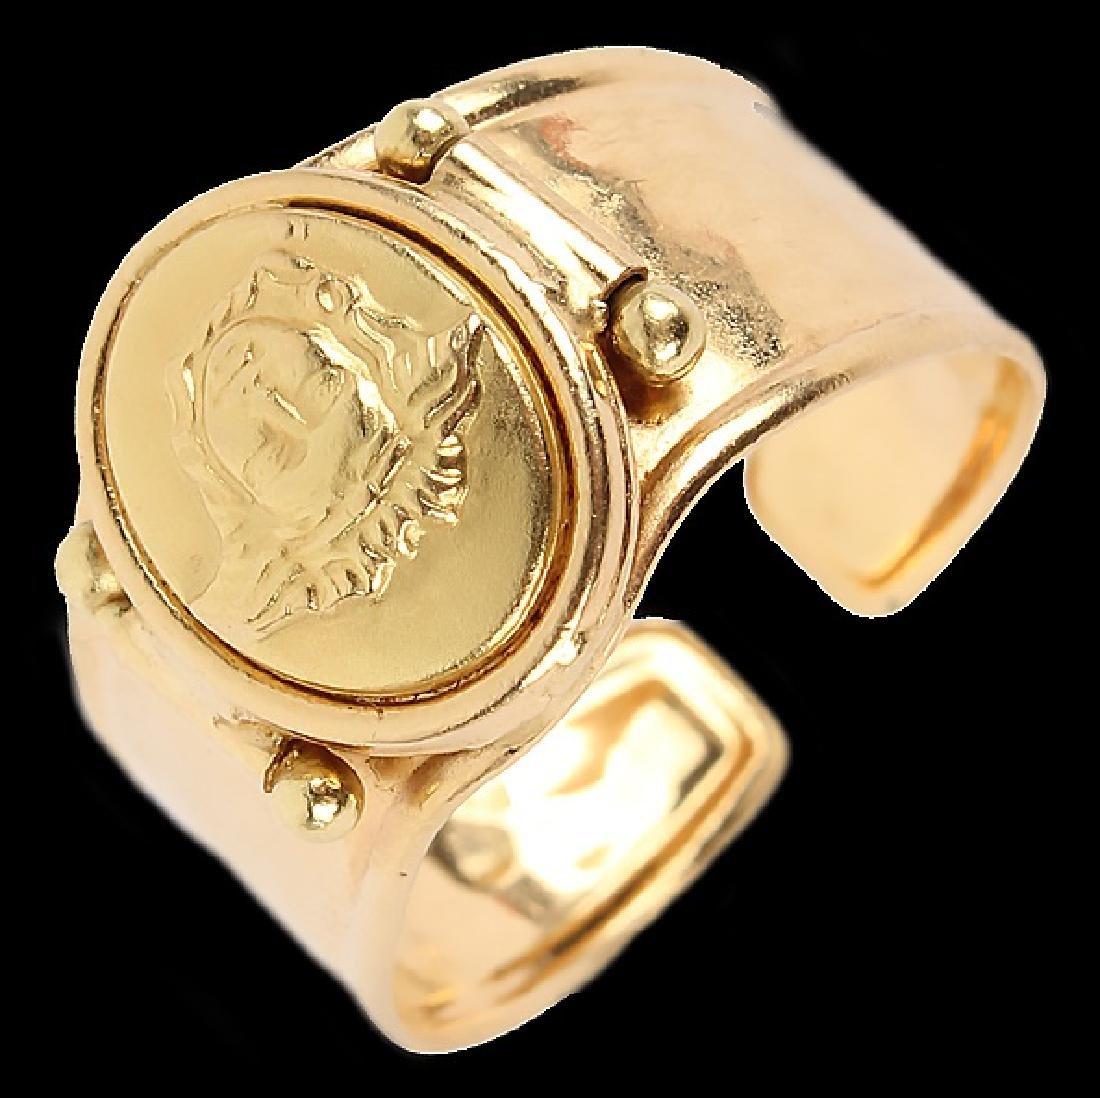 LADIES 18K YELLOW GOLD ITALIAN FASHION RING